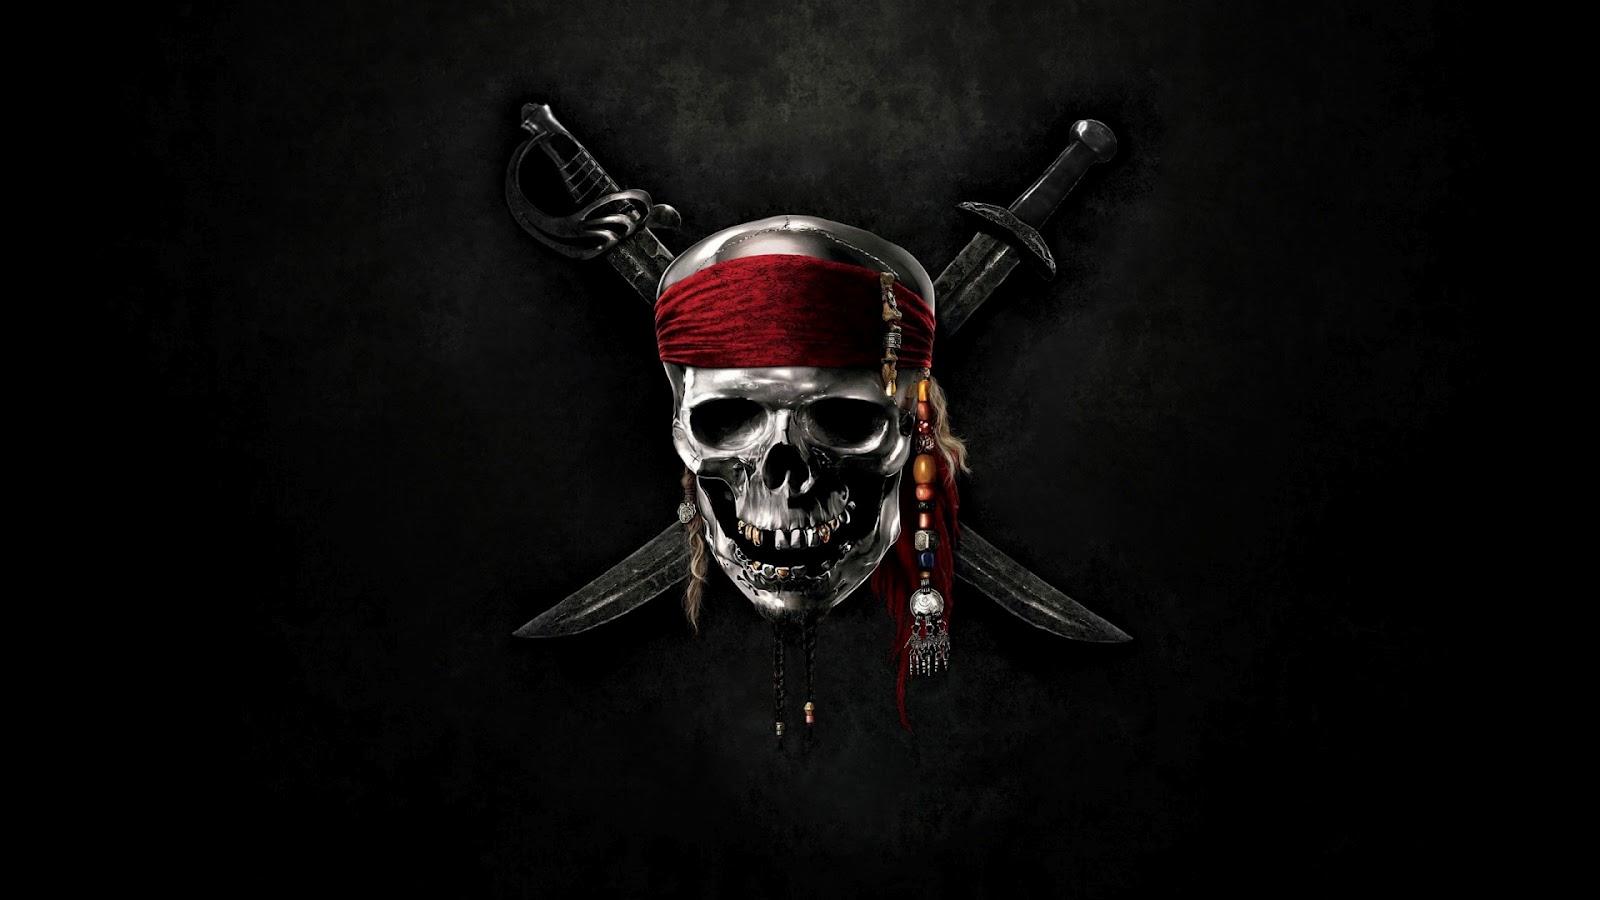 pirate wallpaper 3 pirate wallpaper 4 pirate wallpaper 5 pirate ...